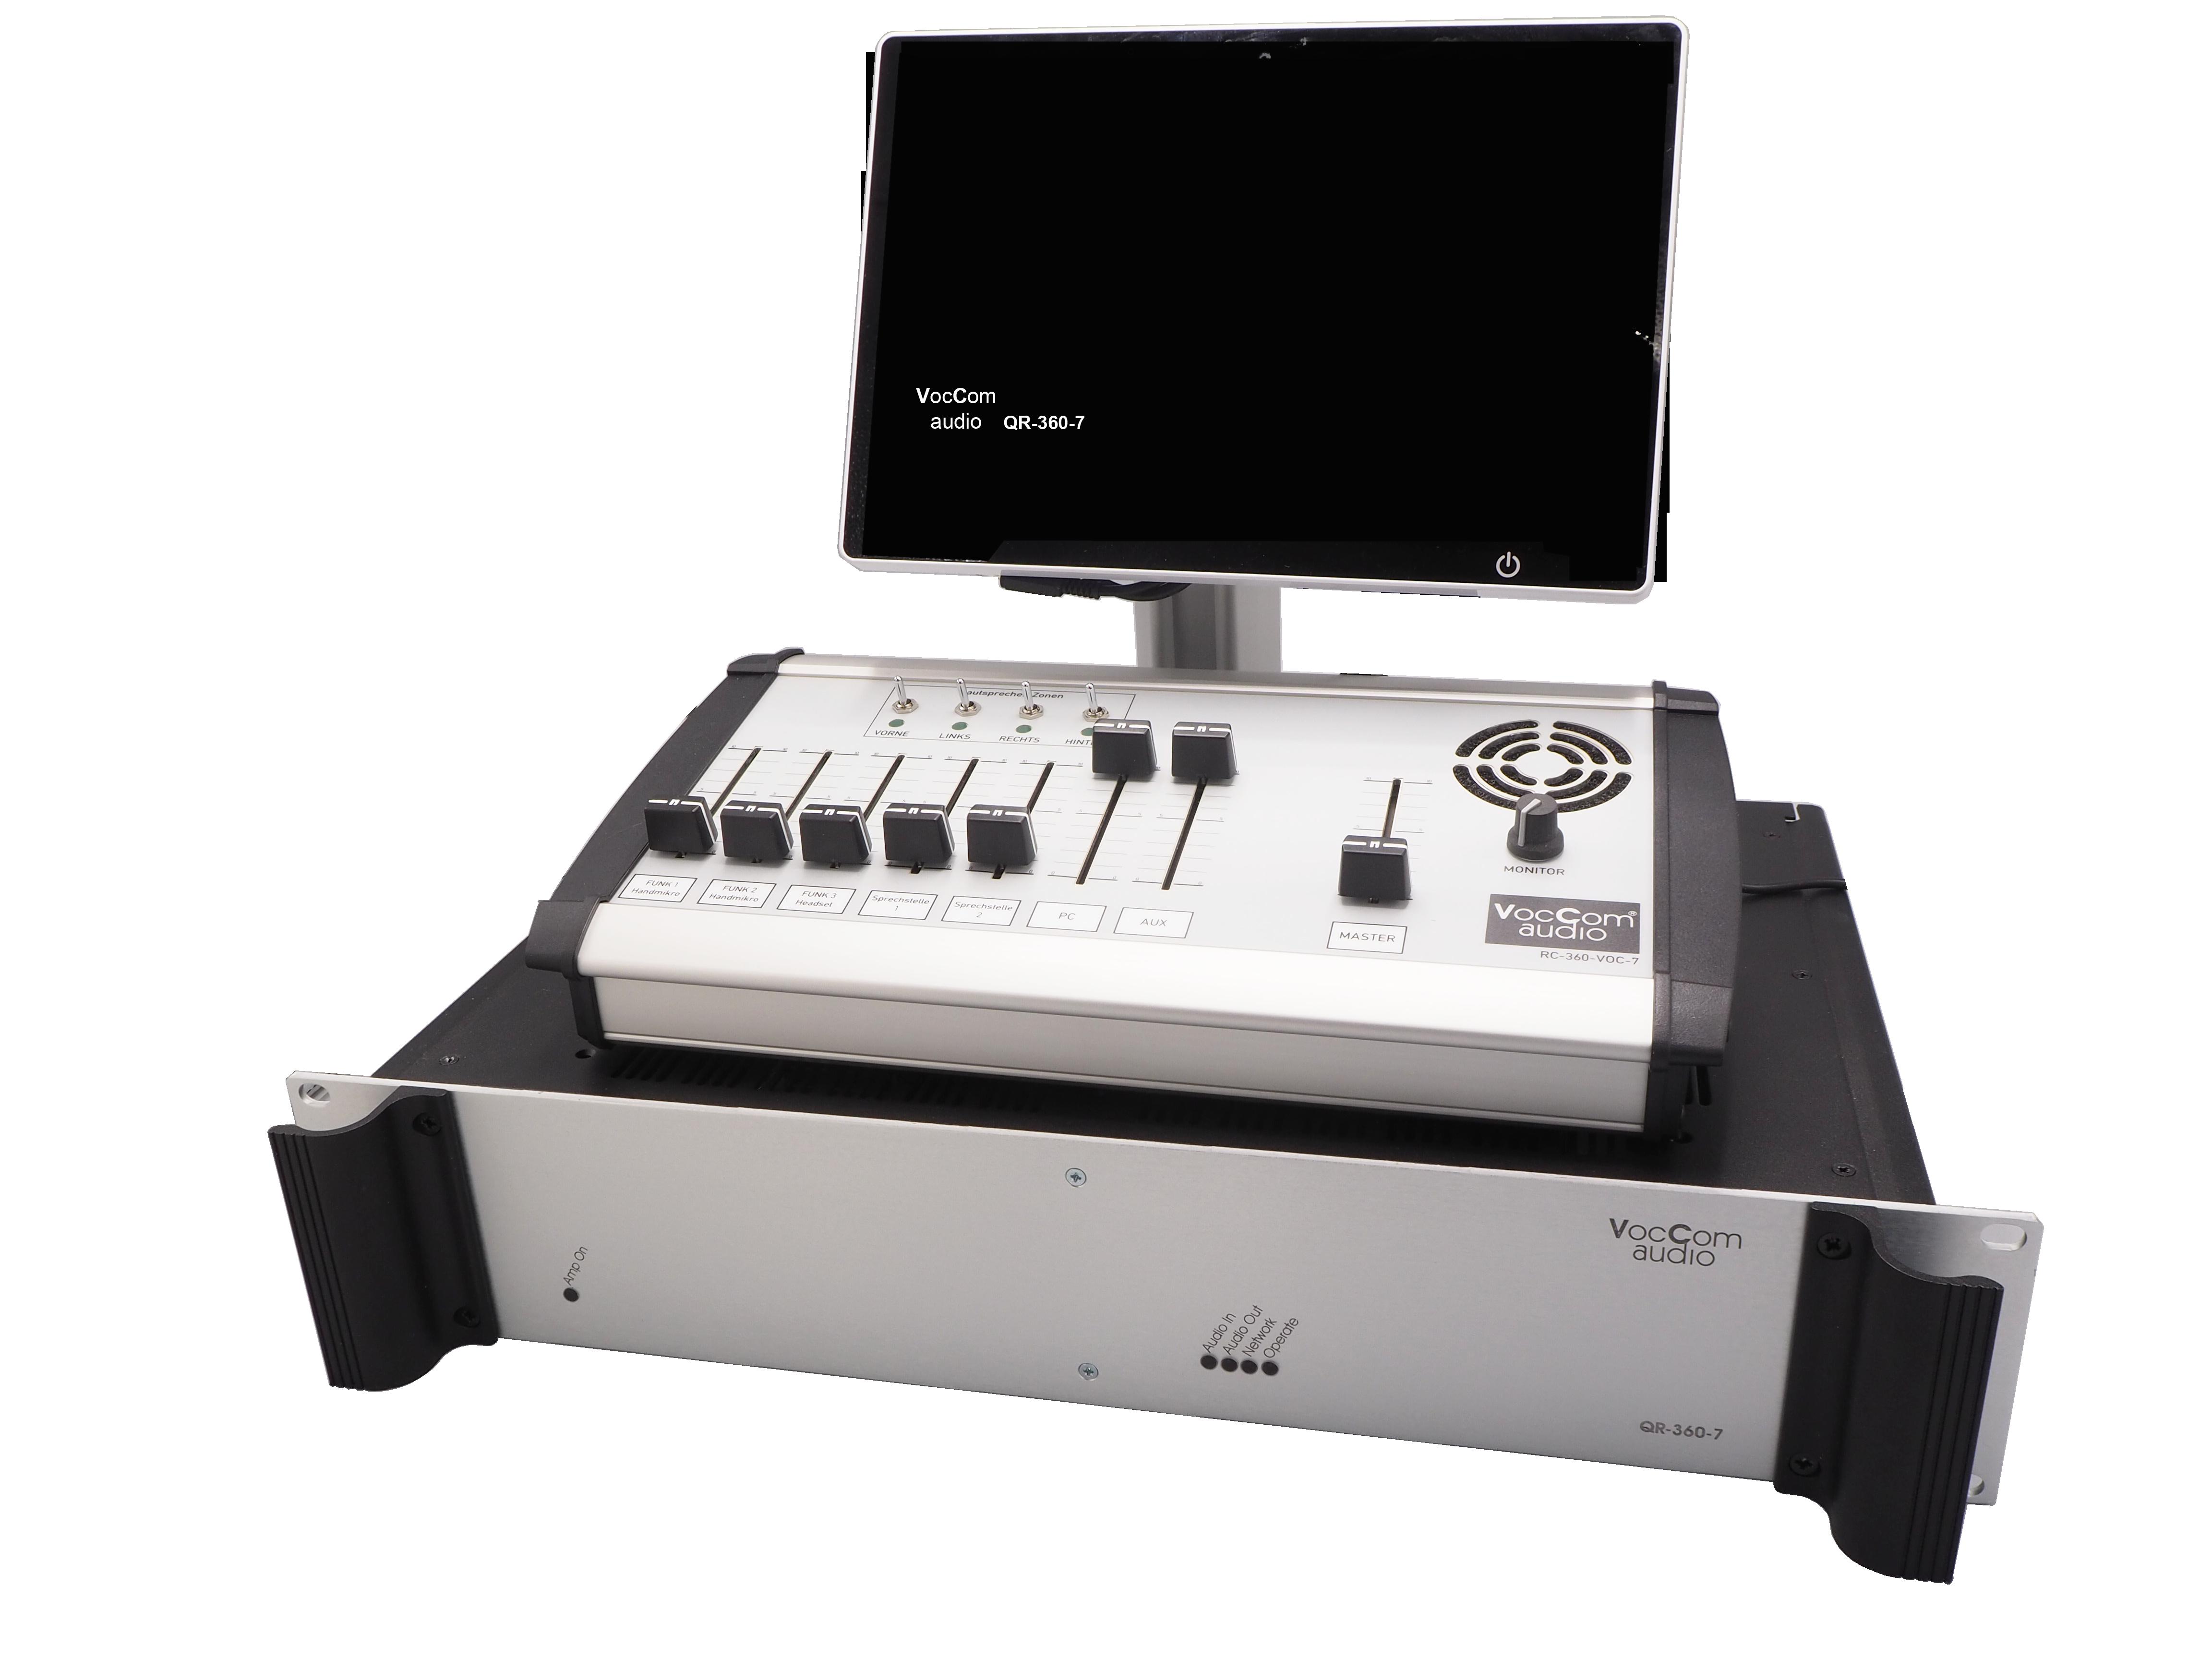 DSP Matrixmischpult QR-260-7 mit Regeleinheit und Touchdisplay